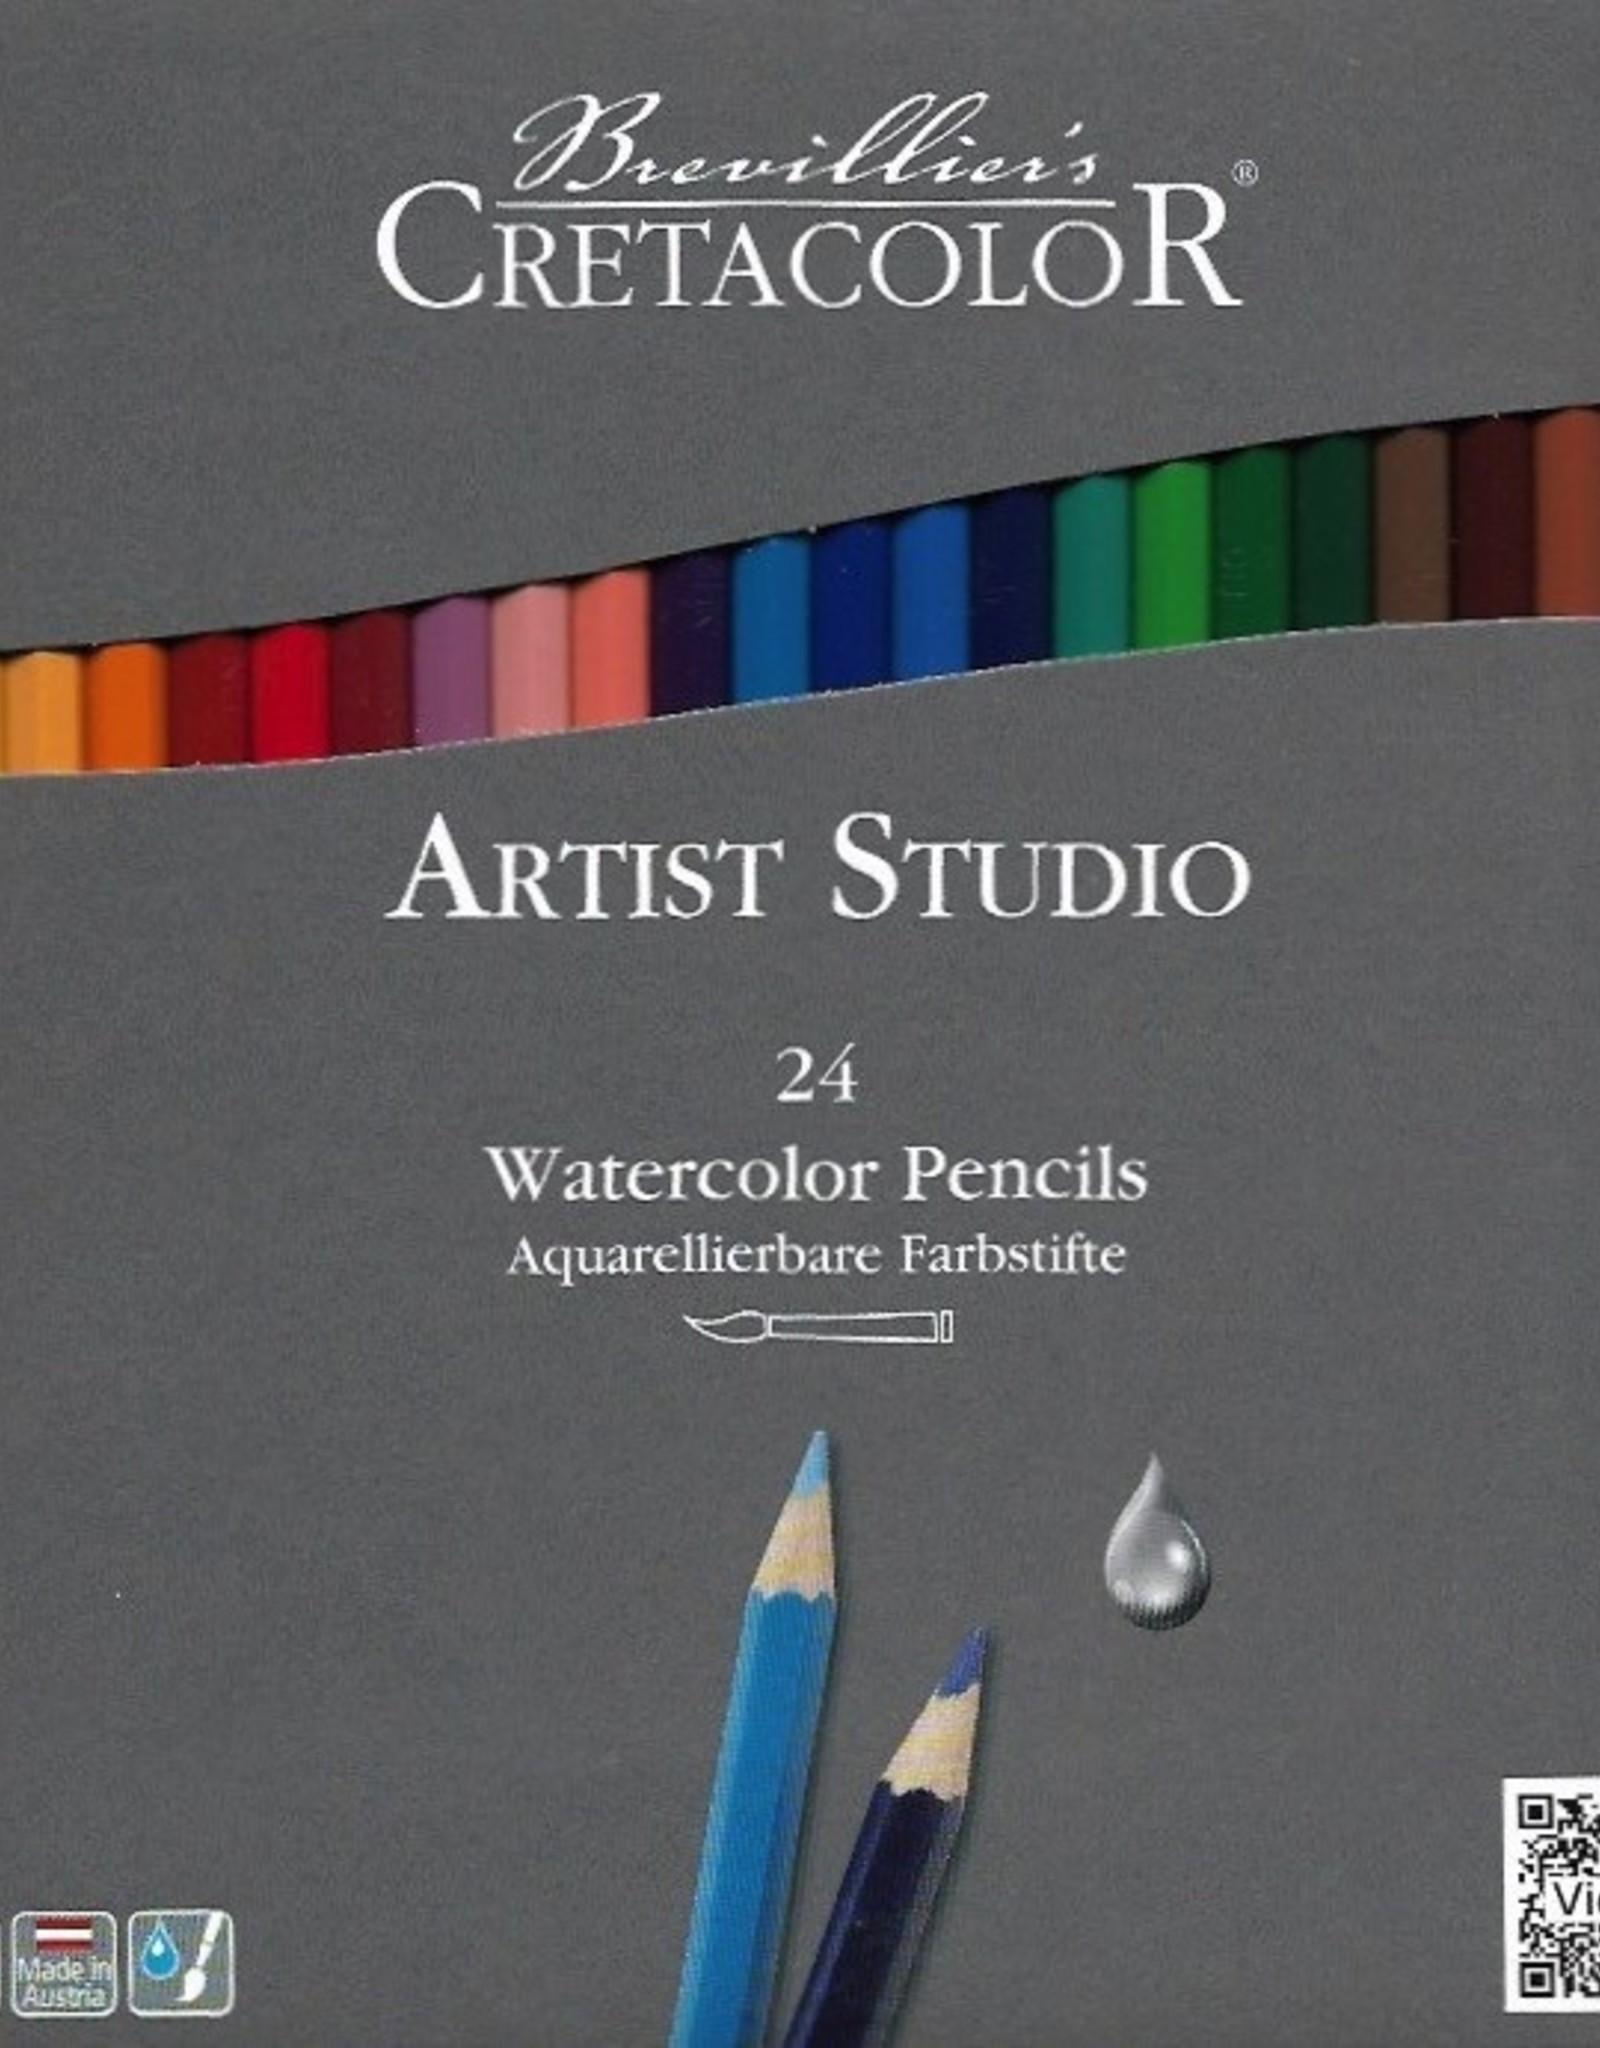 Cretacolor, Artist Studio Watercolor Pencils, 24 Pencil Set